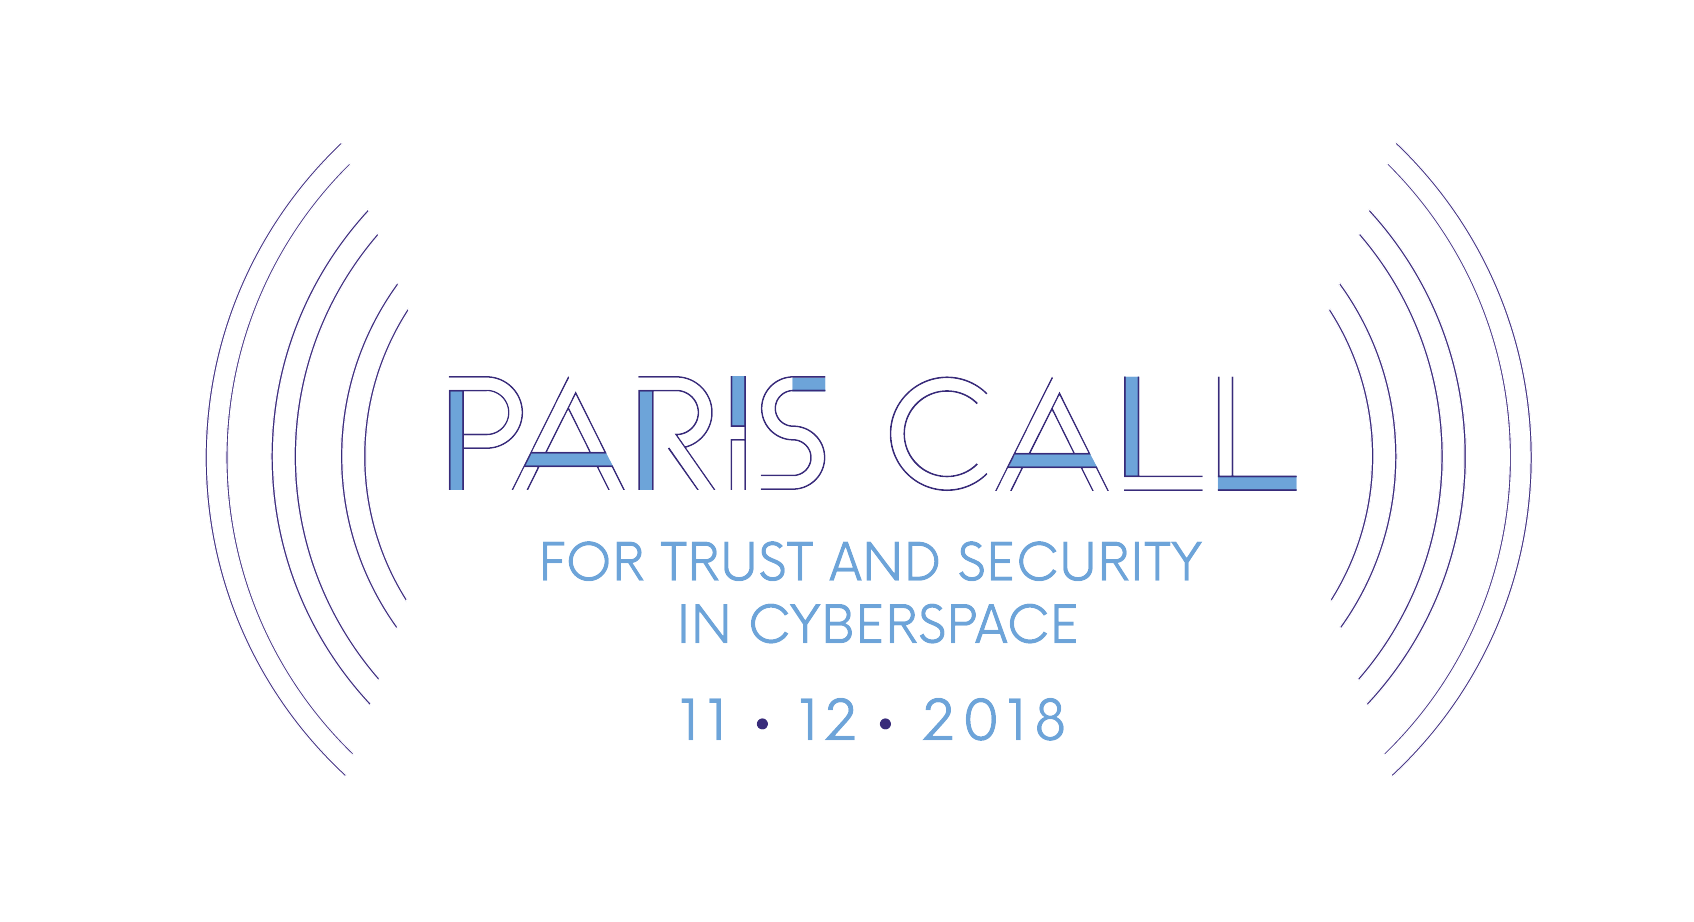 PARIS CALL: ANJE adere ao manifesto pela segurança no ciberespaço